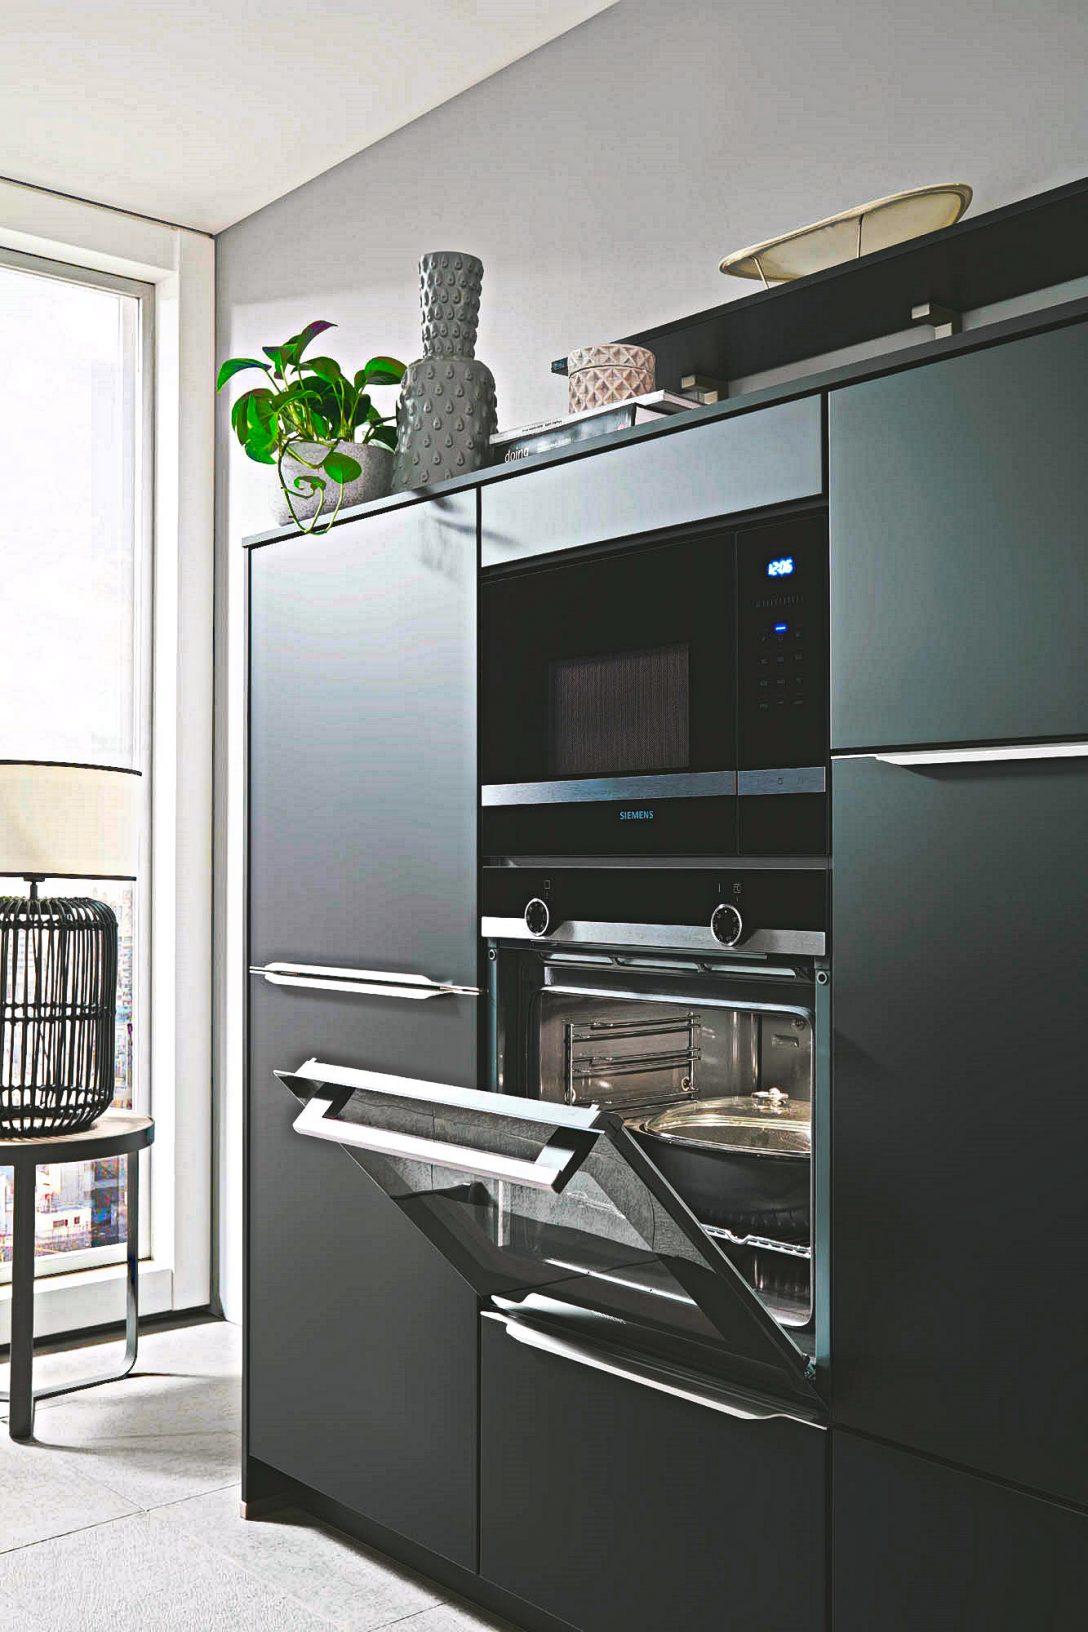 Large Size of Einbauküche Elektrogeräte Miele Einbauküchen Mit Elektrogeräten Ohne Kühlschrank Einbauküche Gebraucht Mit Elektrogeräten Ebay Einbauküche Mit Elektrogeräten Roller Küche Einbauküche Mit Elektrogeräten